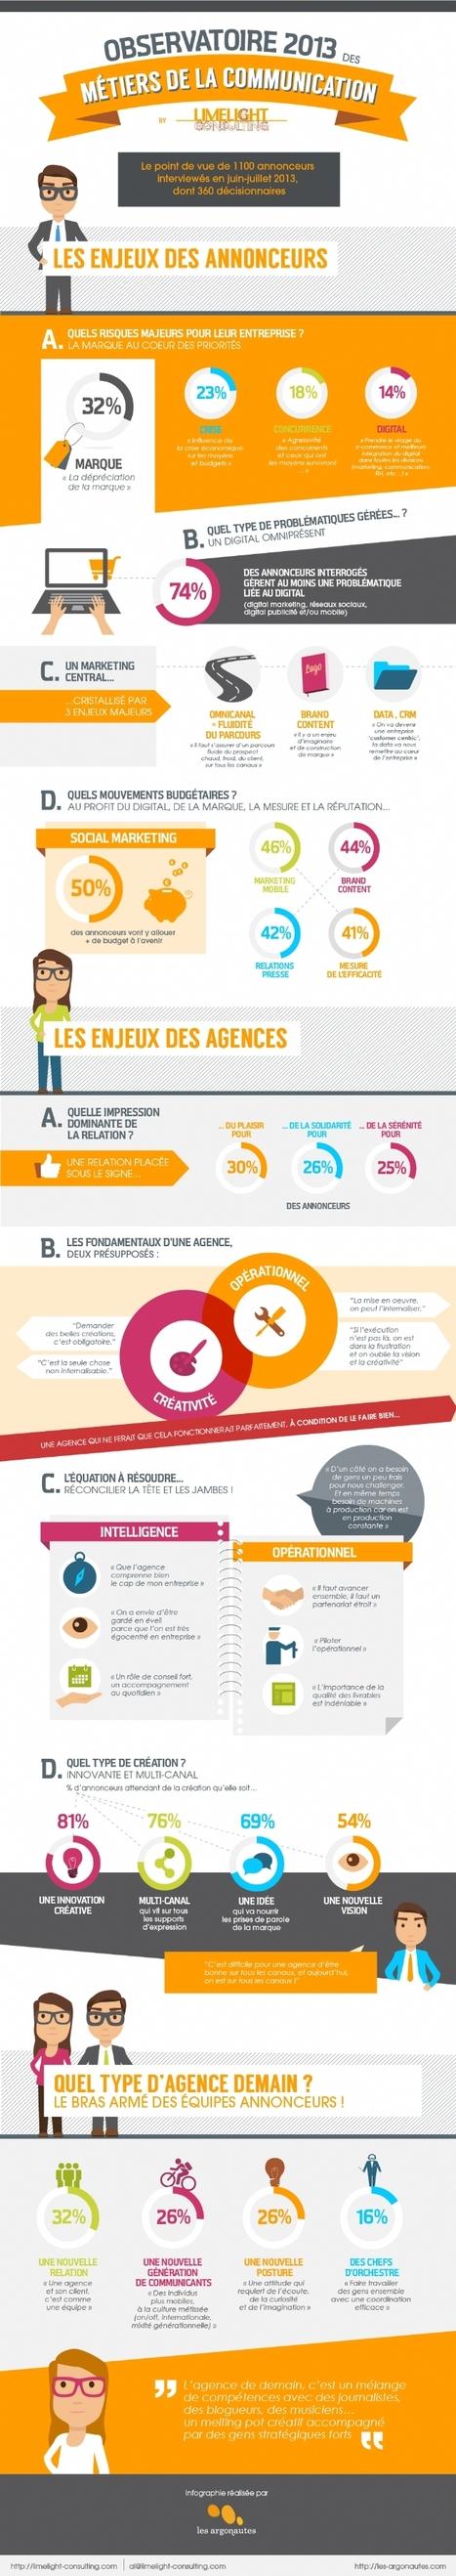 Infographie | L'omnicanal et la créativité : deux enjeux forts pour les annonceurs et les agences | Digital & Strategy | Scoop.it